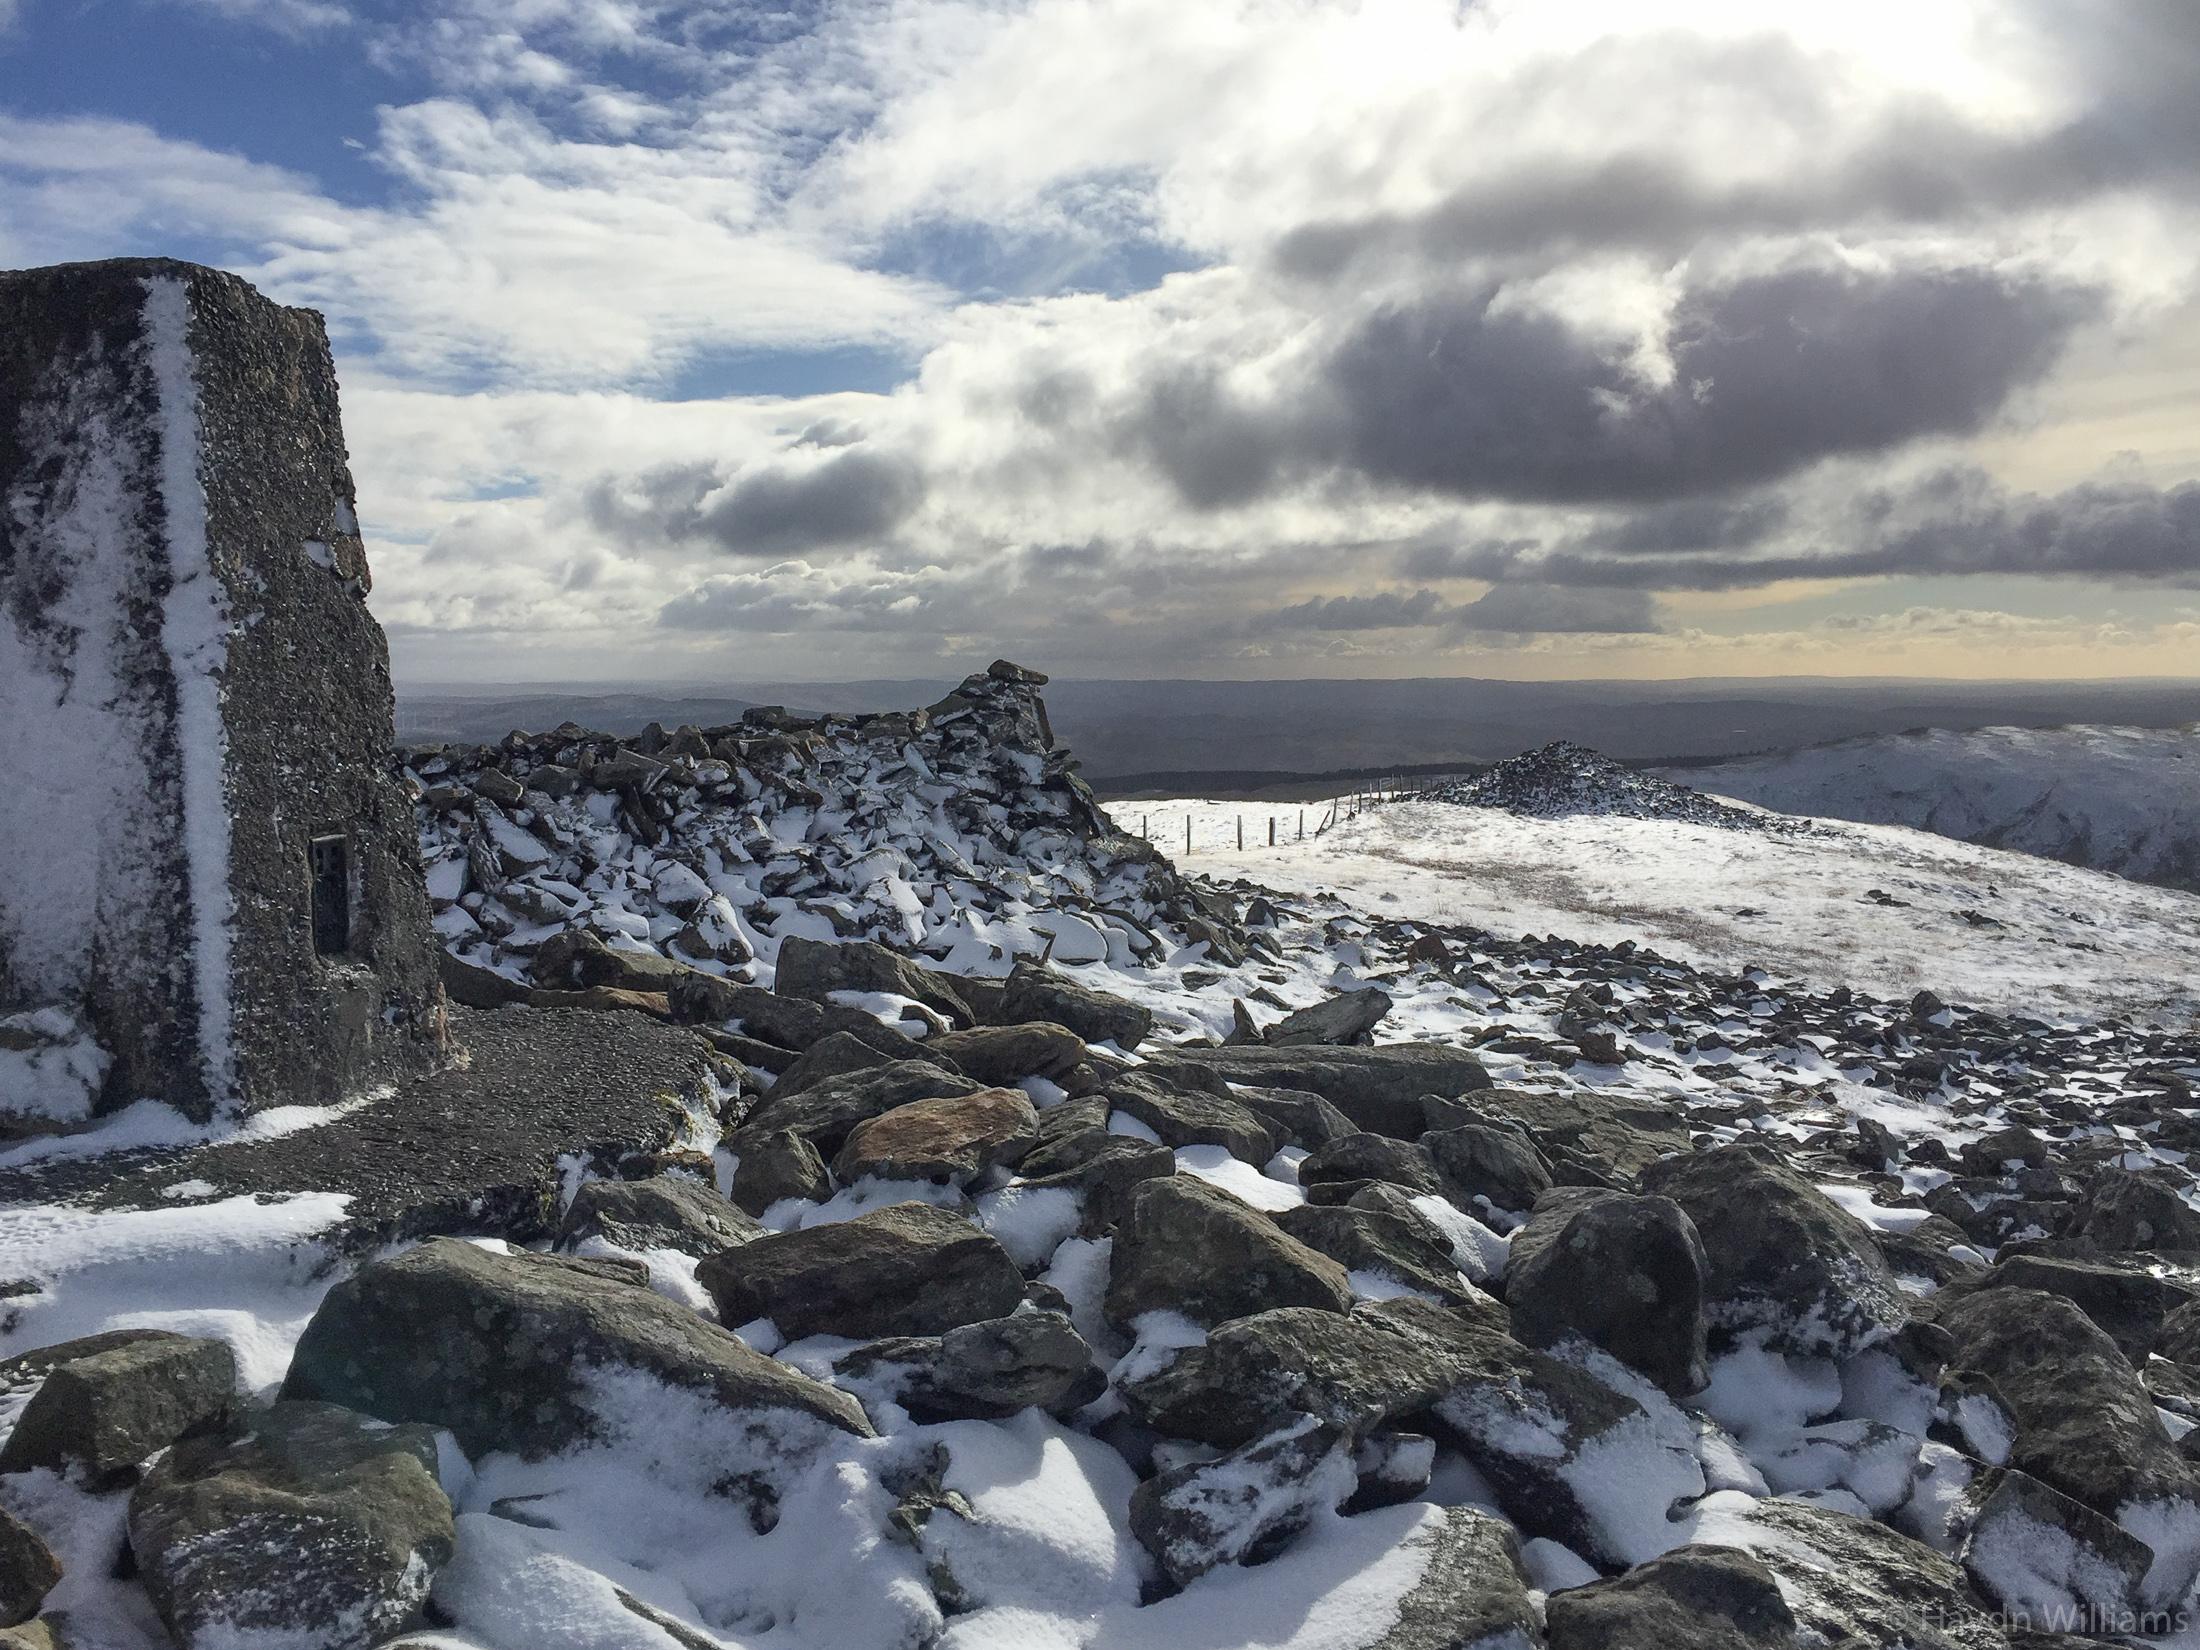 Snowy summit of Plynlimon. ©Haydn Williams 2018